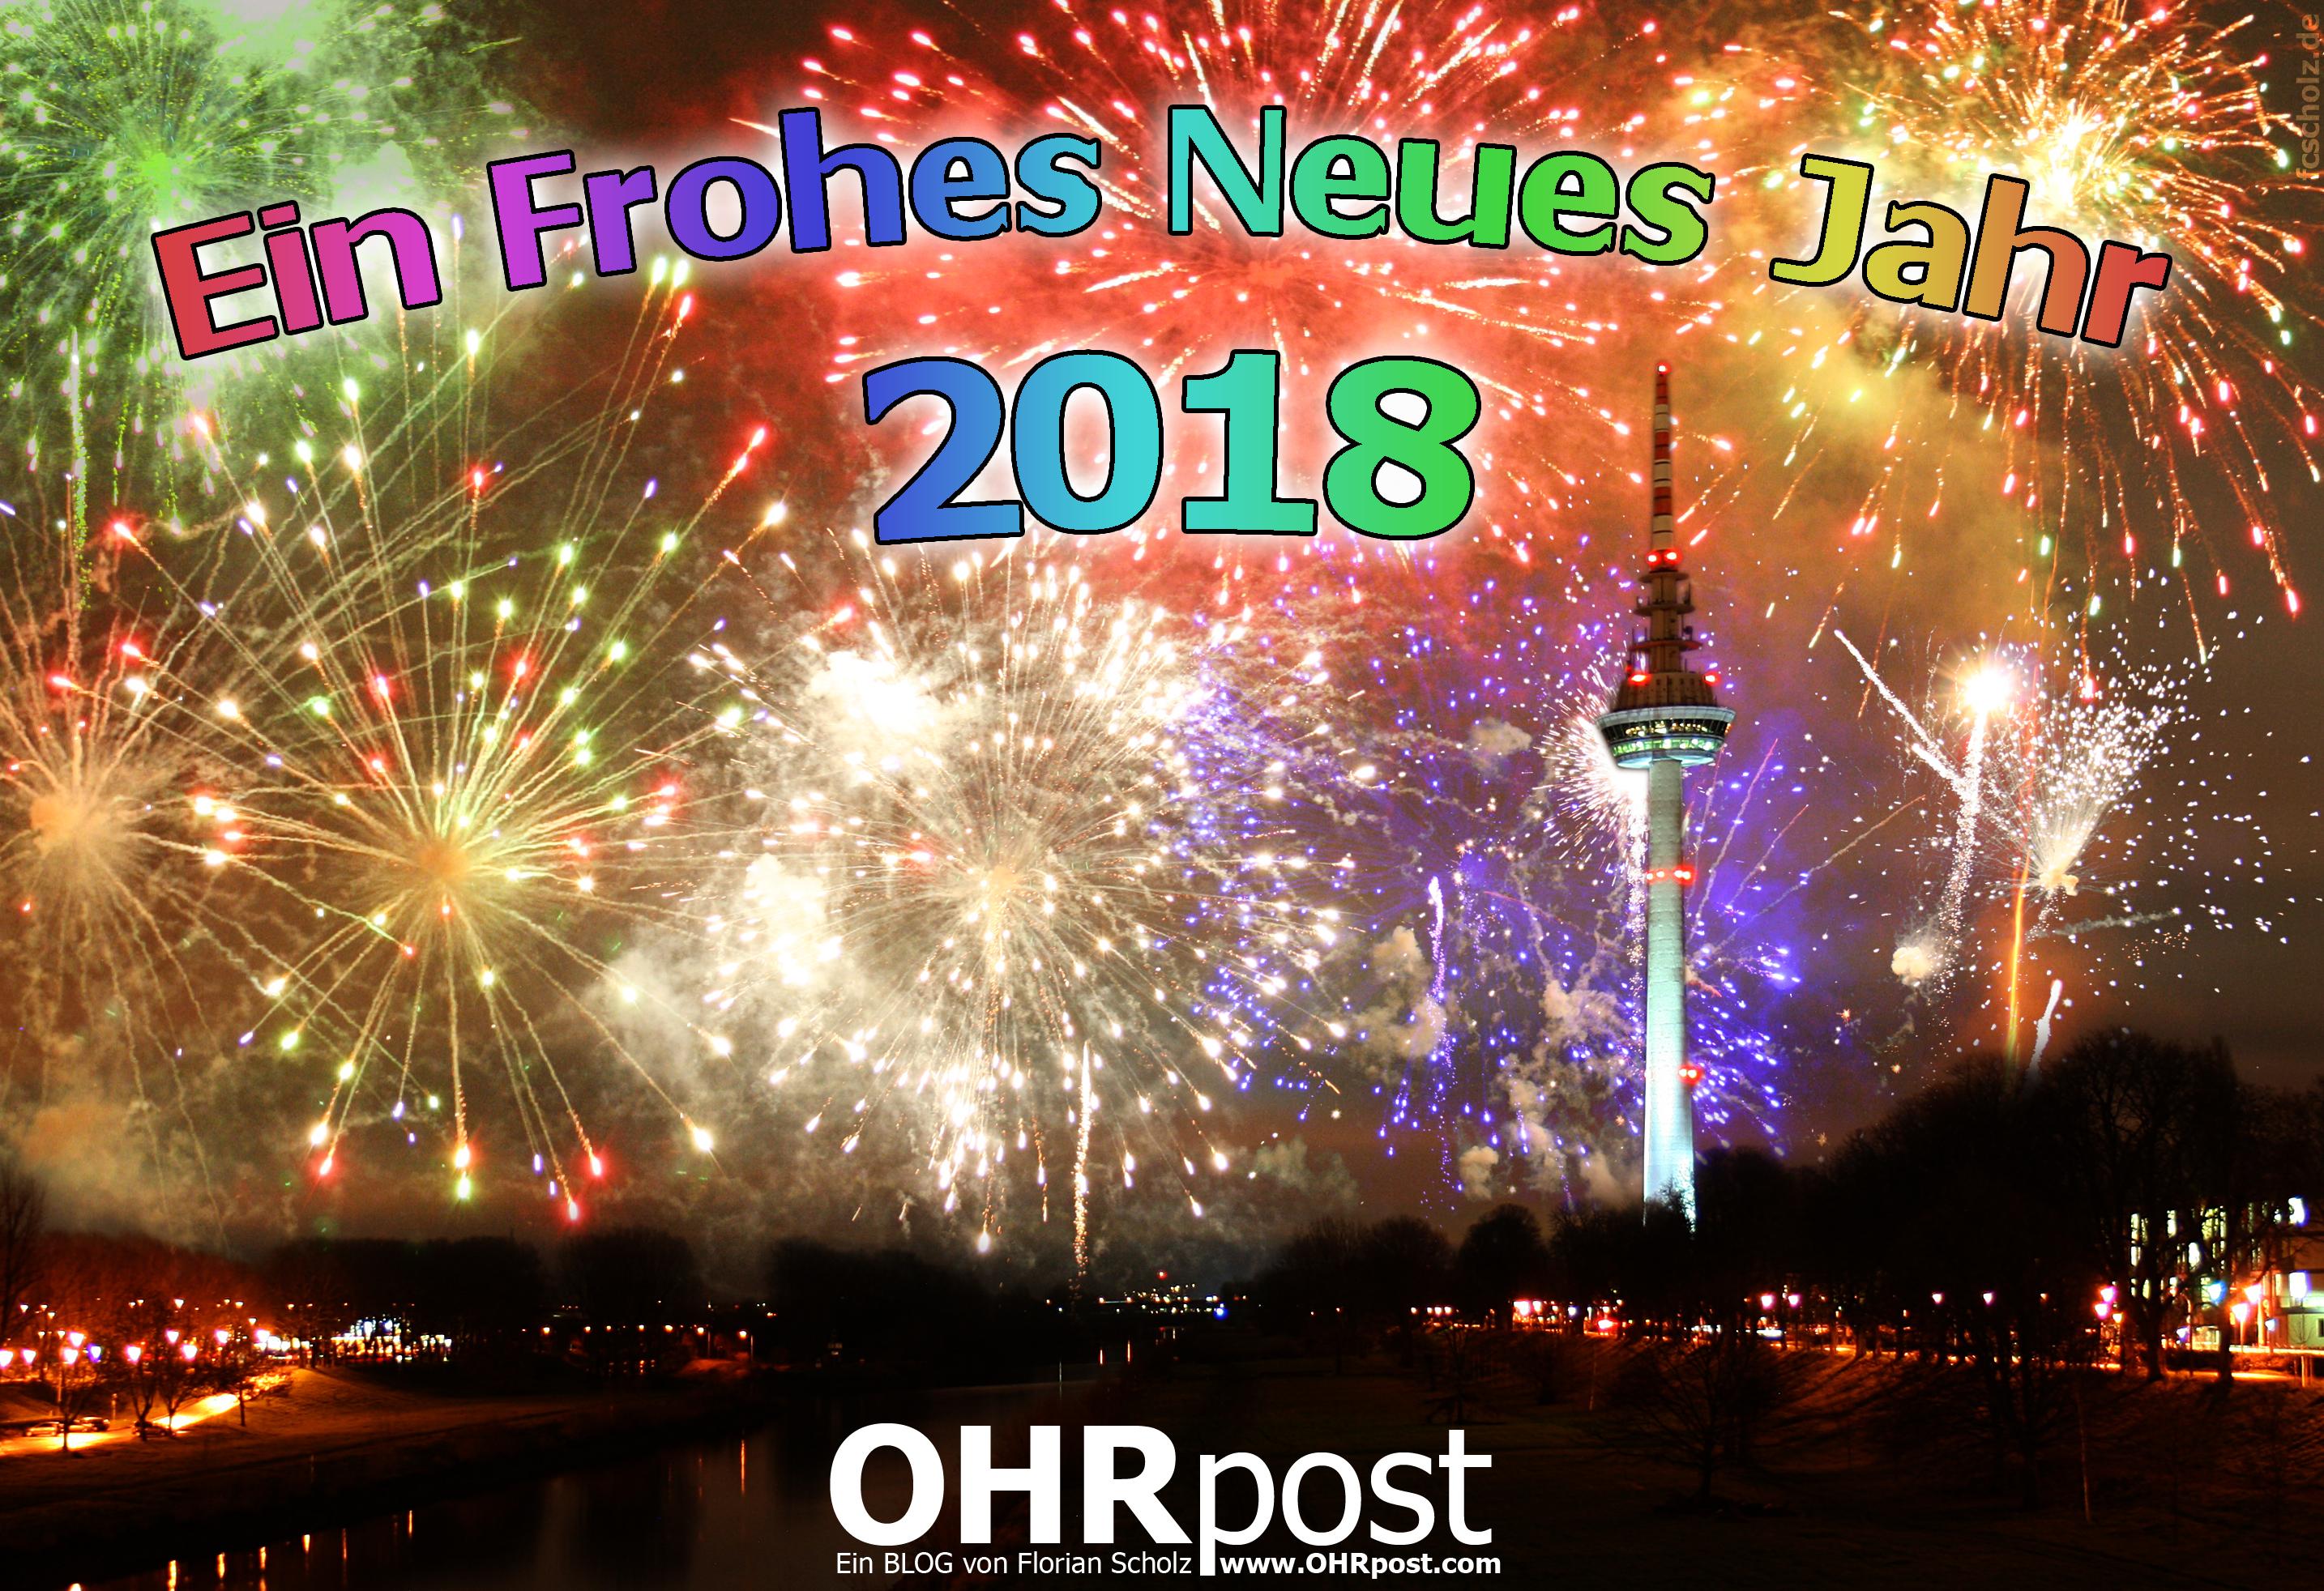 Frohes Neues 2018 von Florian Ich wünsche Euch allen Veröffentlicht ...